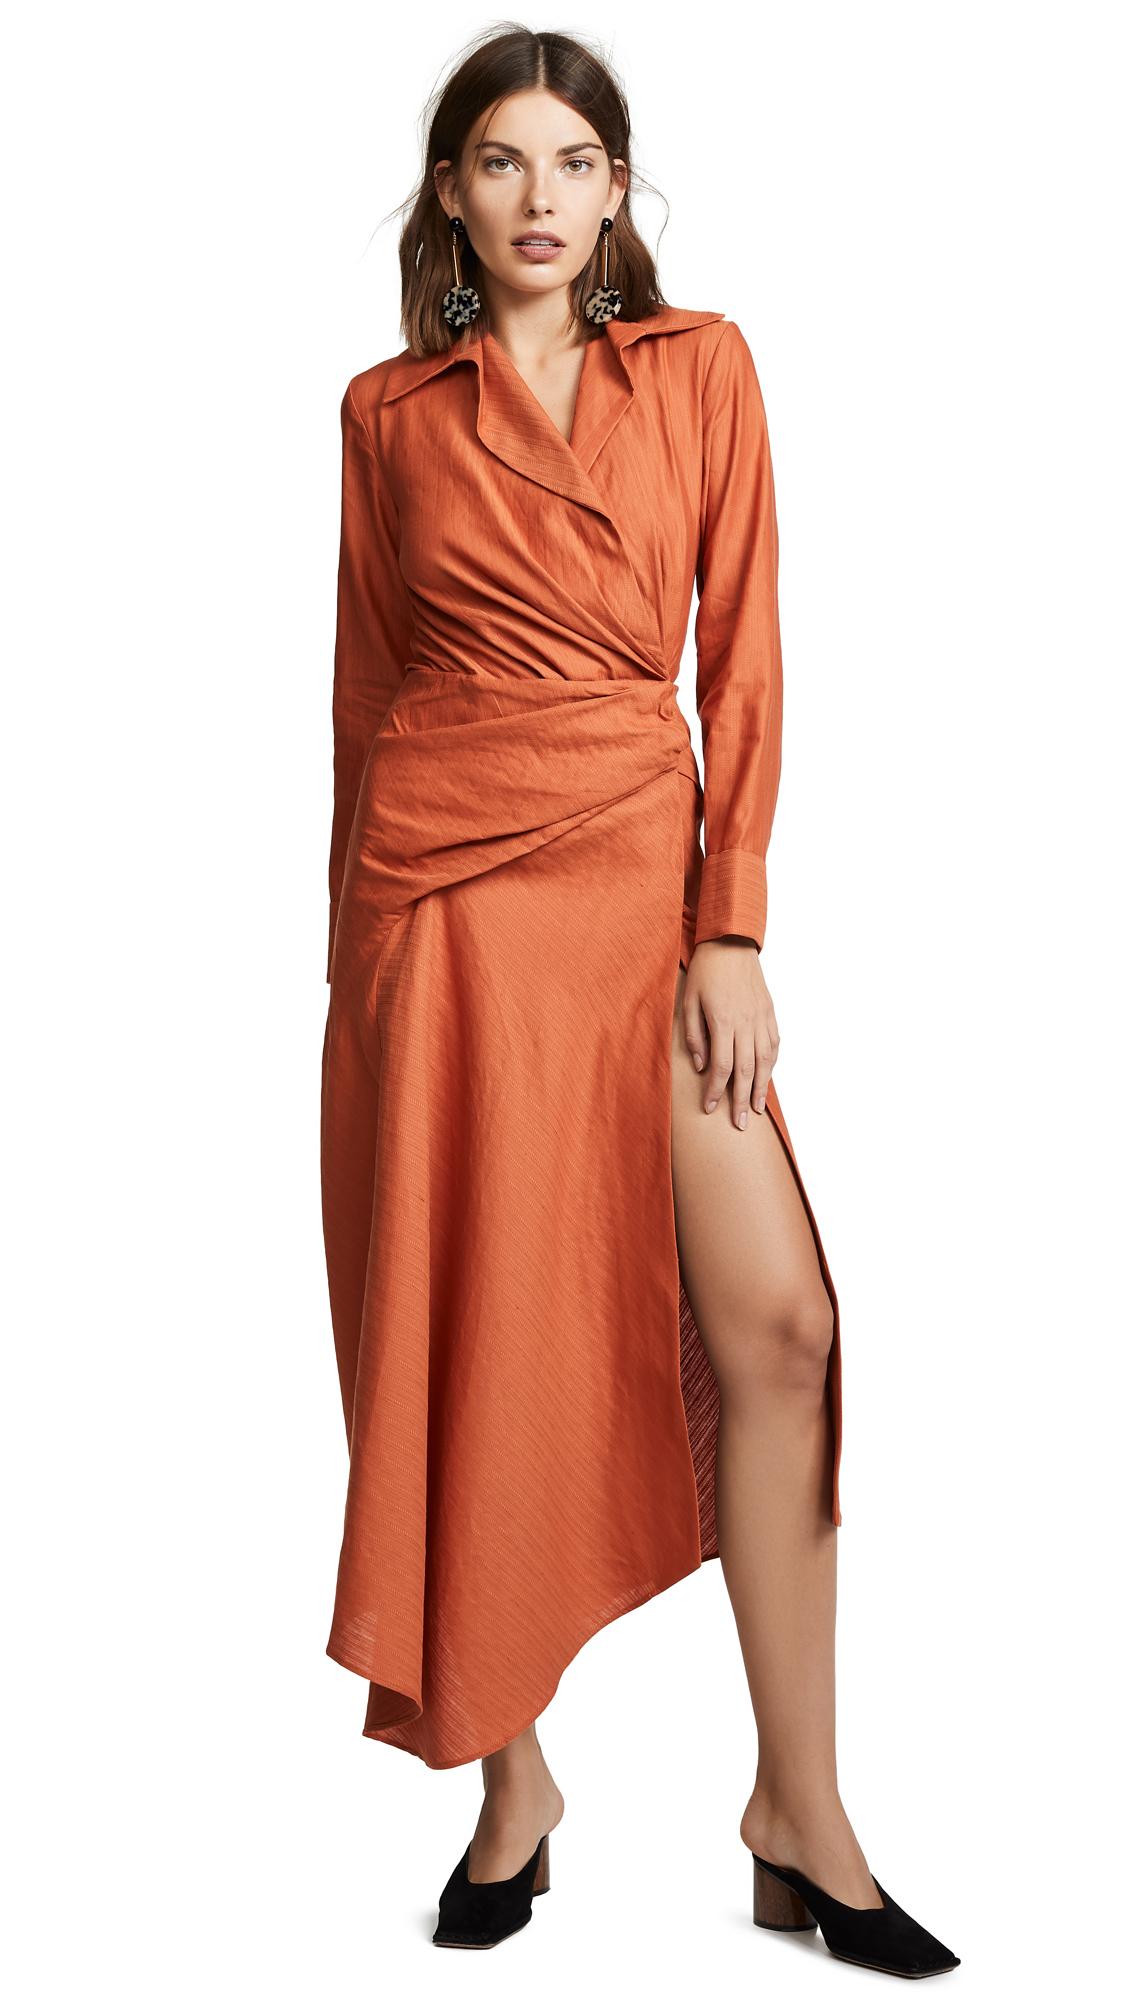 Jacquemus Sabah Dress